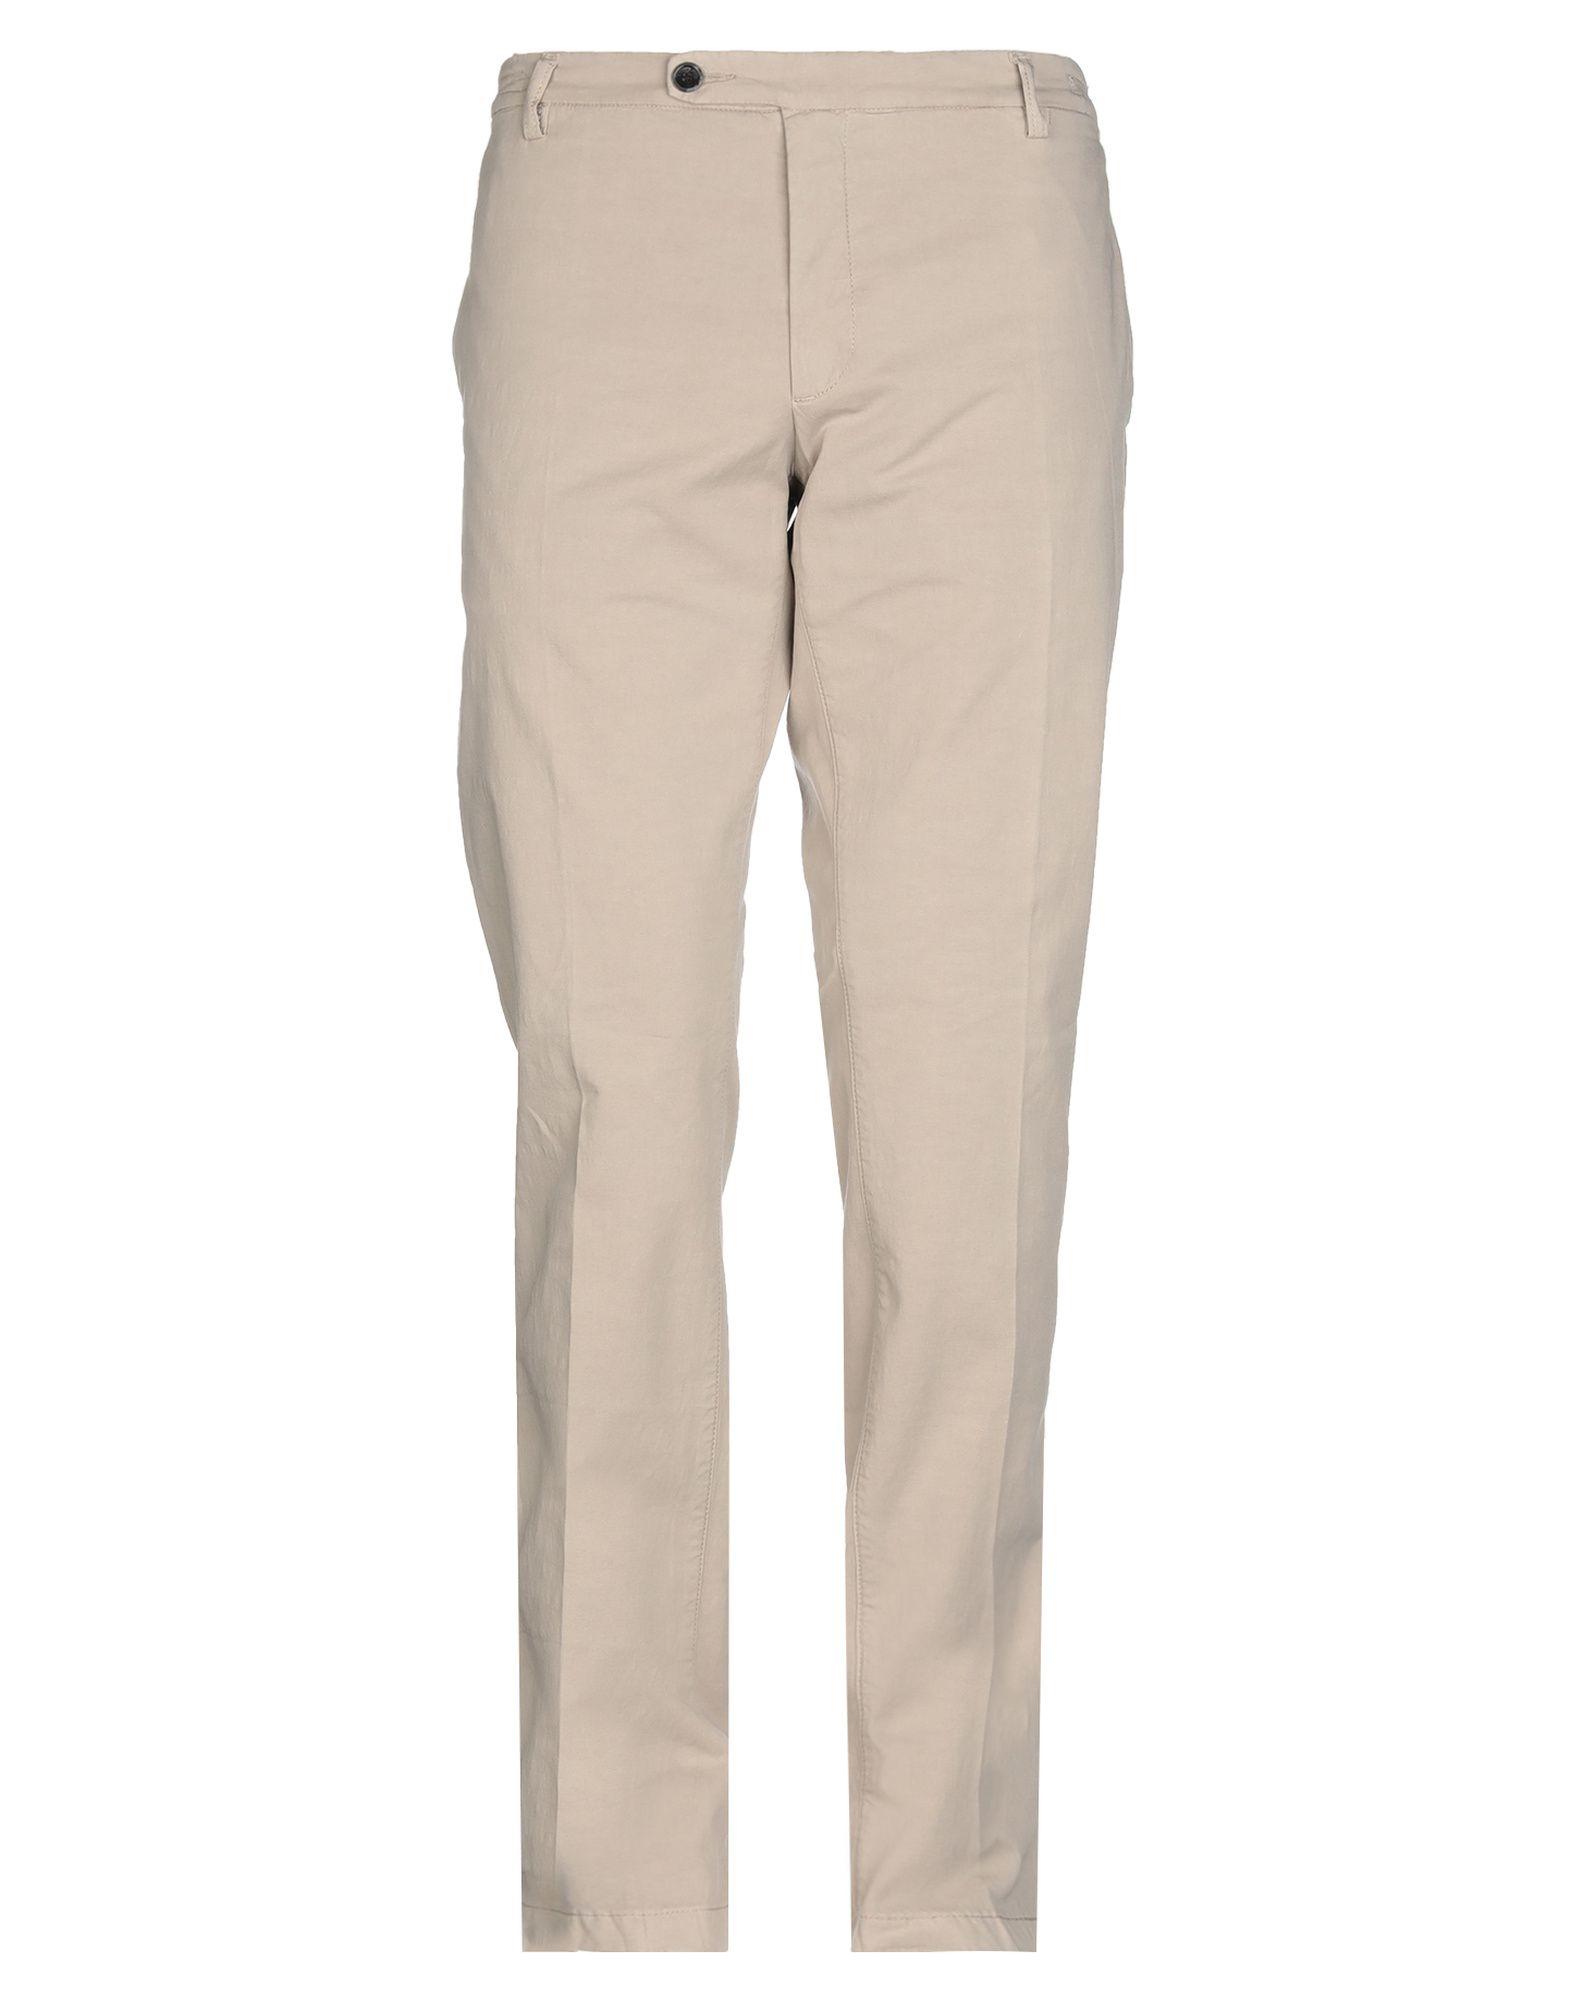 RICHARD JAMES BROWN Повседневные брюки james brown james brown night train colour